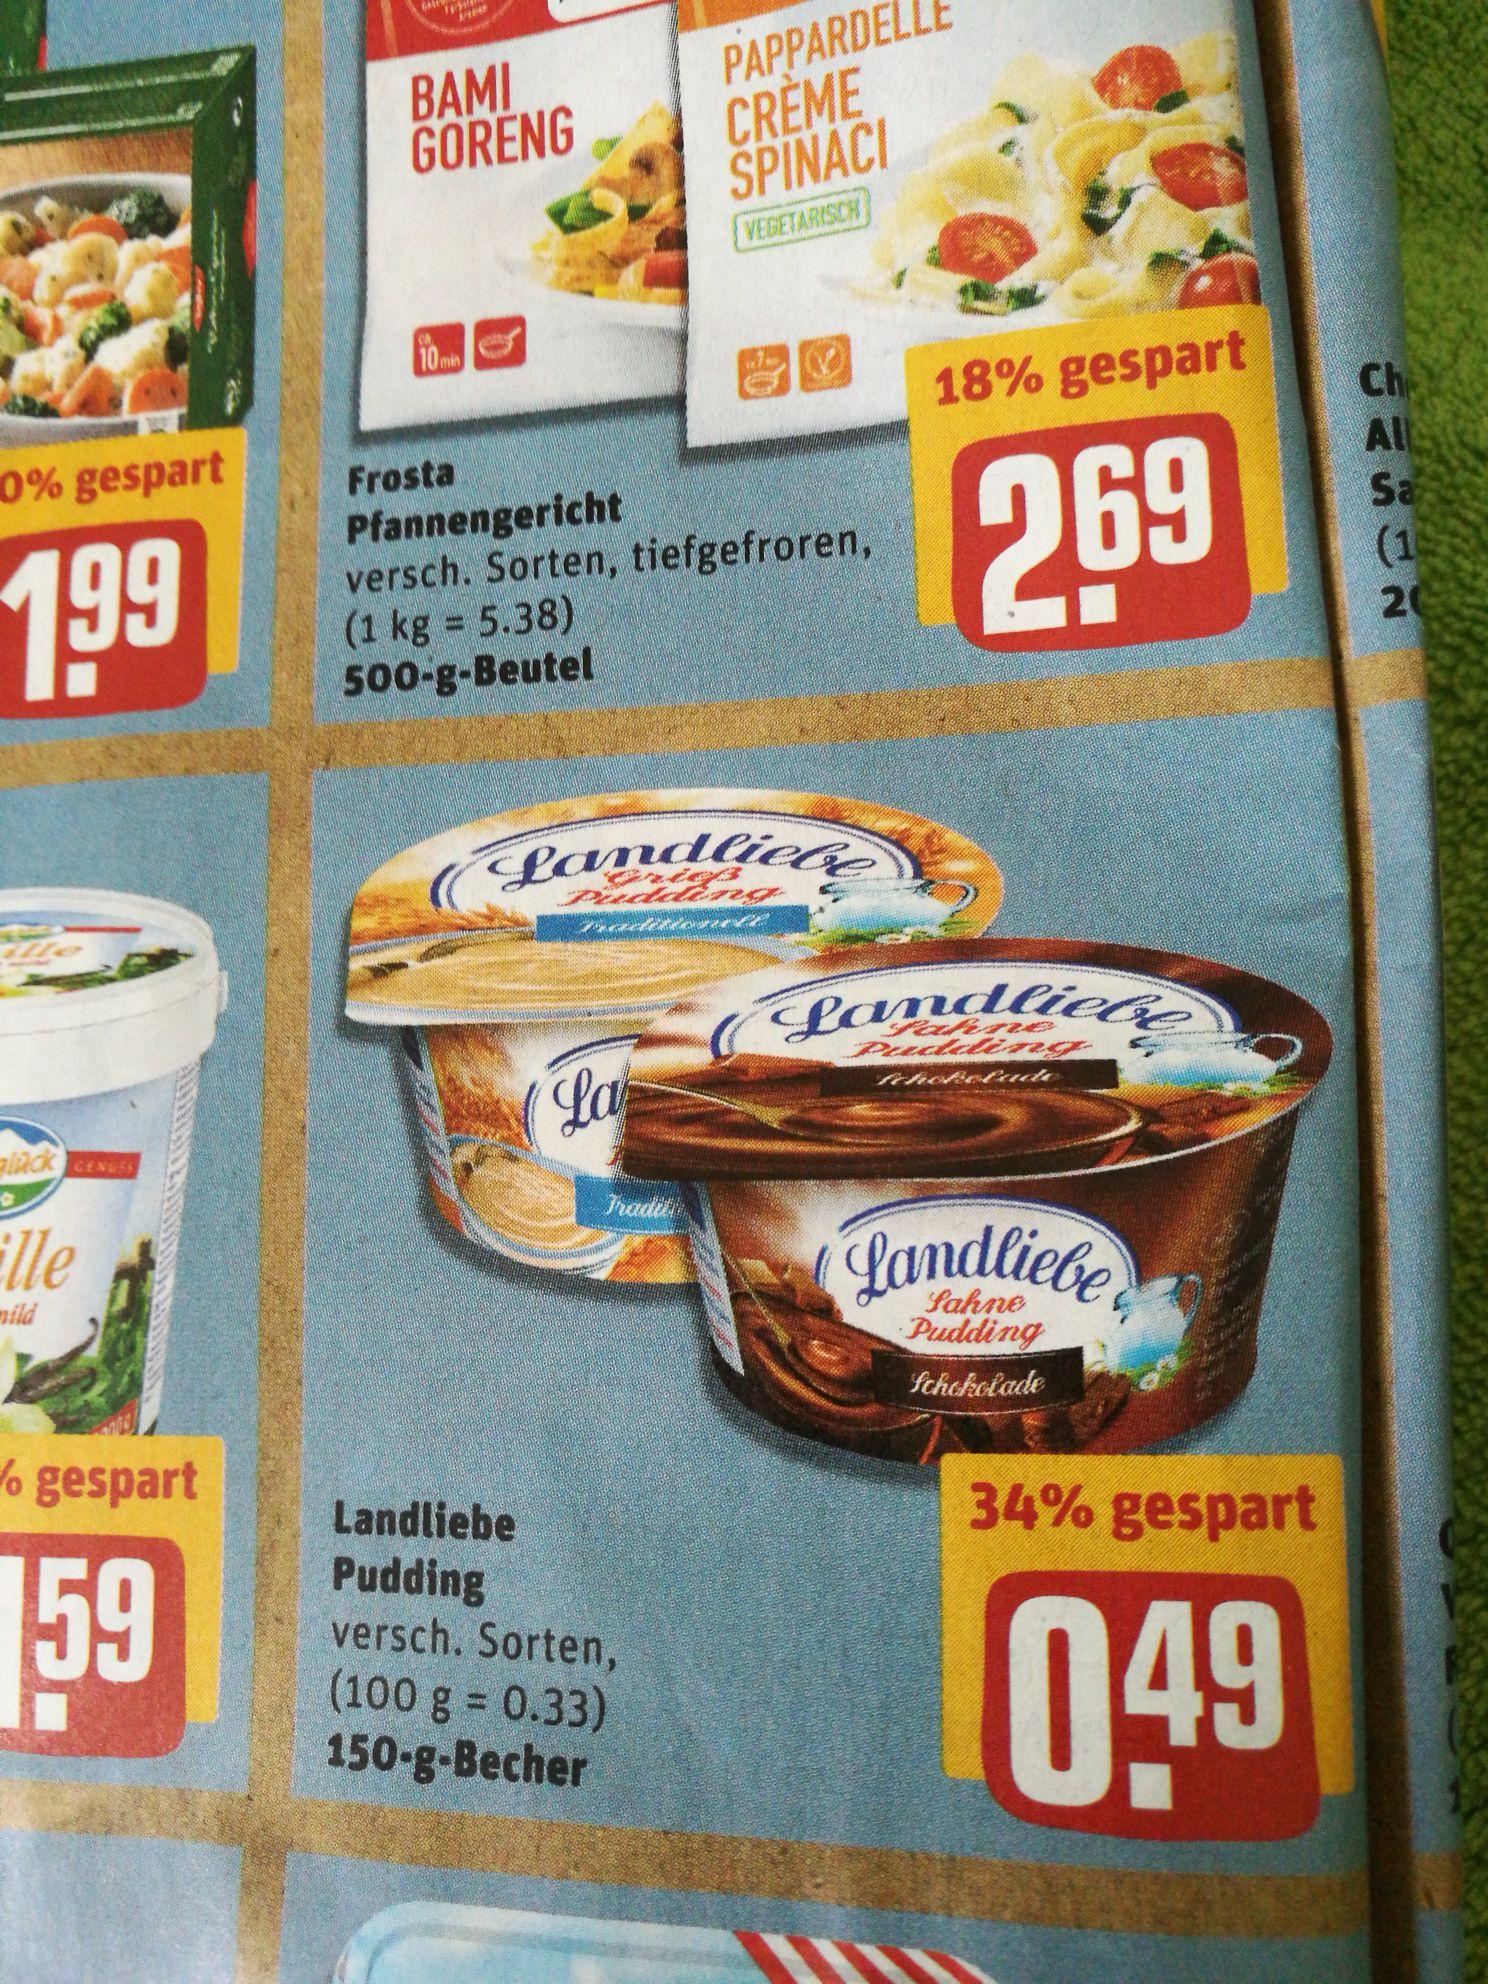 Landliebe Pudding, 6 Stück, Rewe